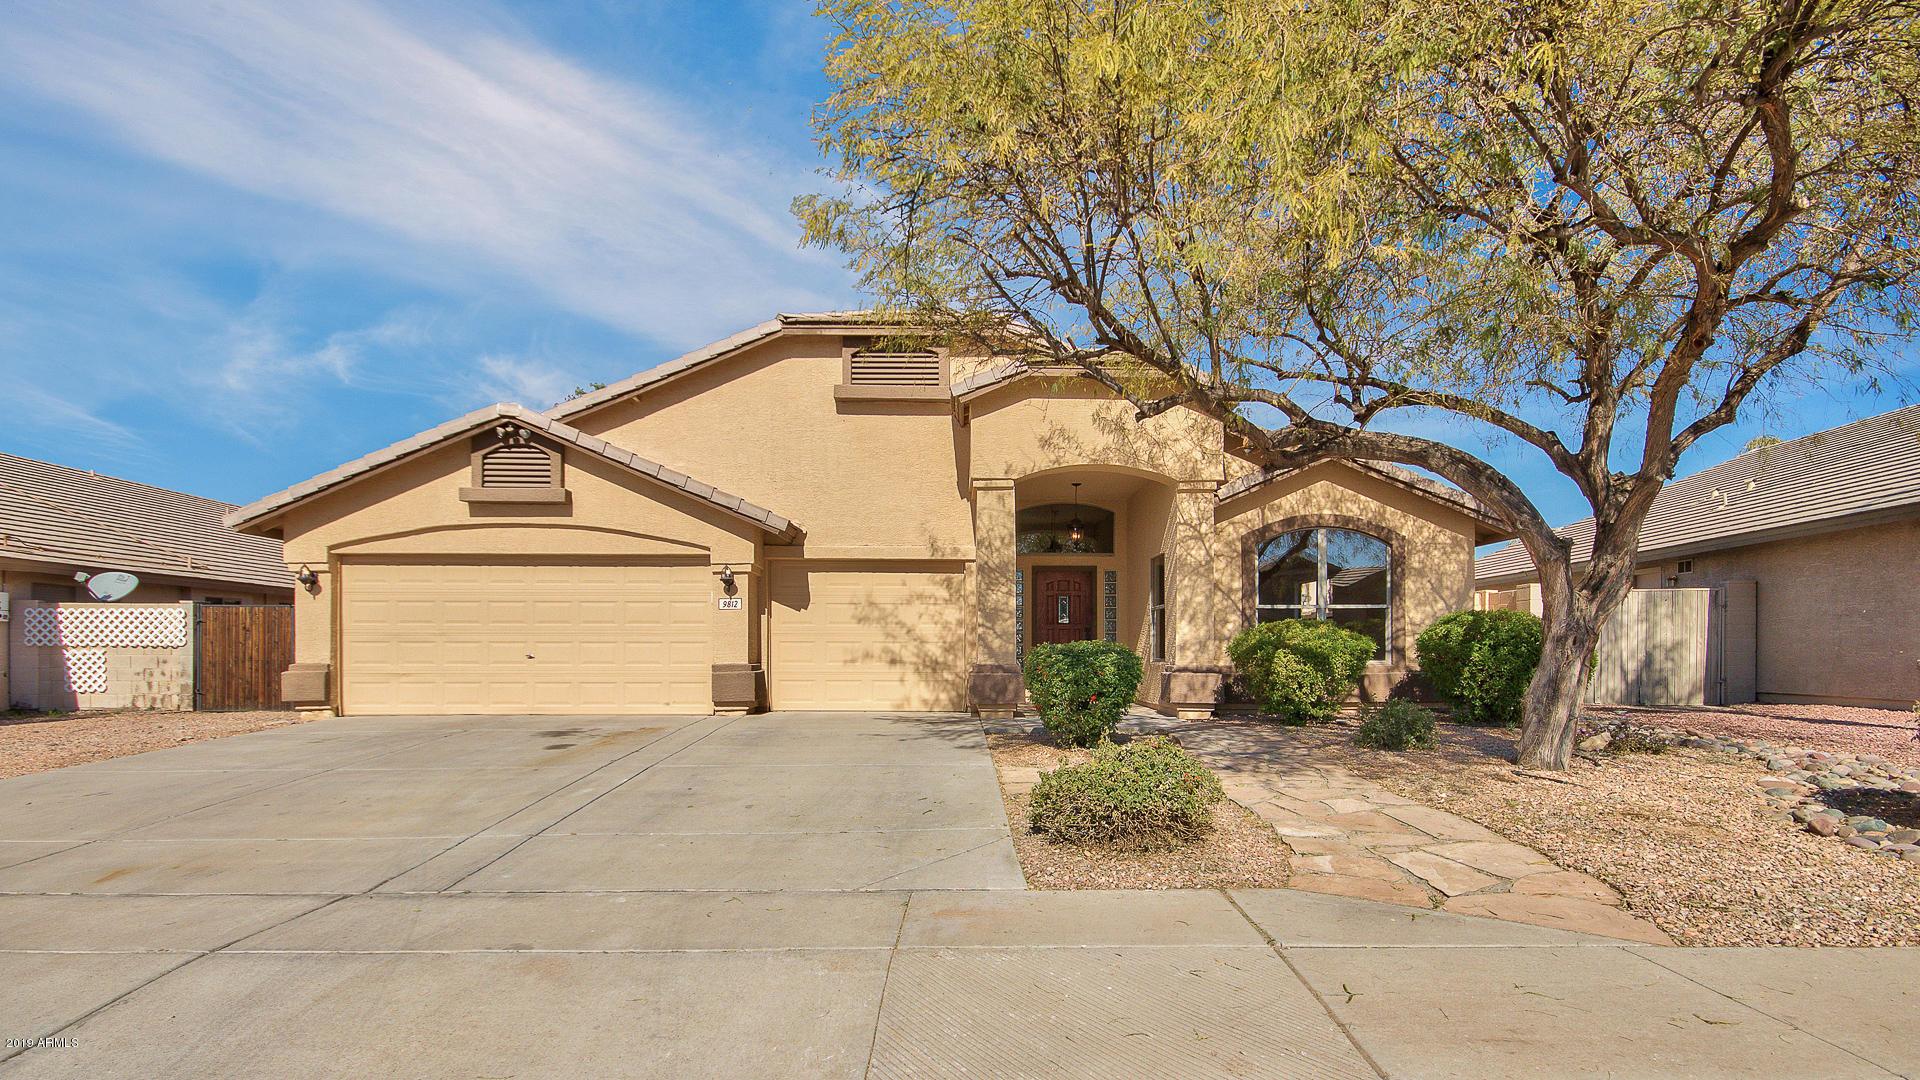 Photo of 9812 E PAMPA Avenue, Mesa, AZ 85212